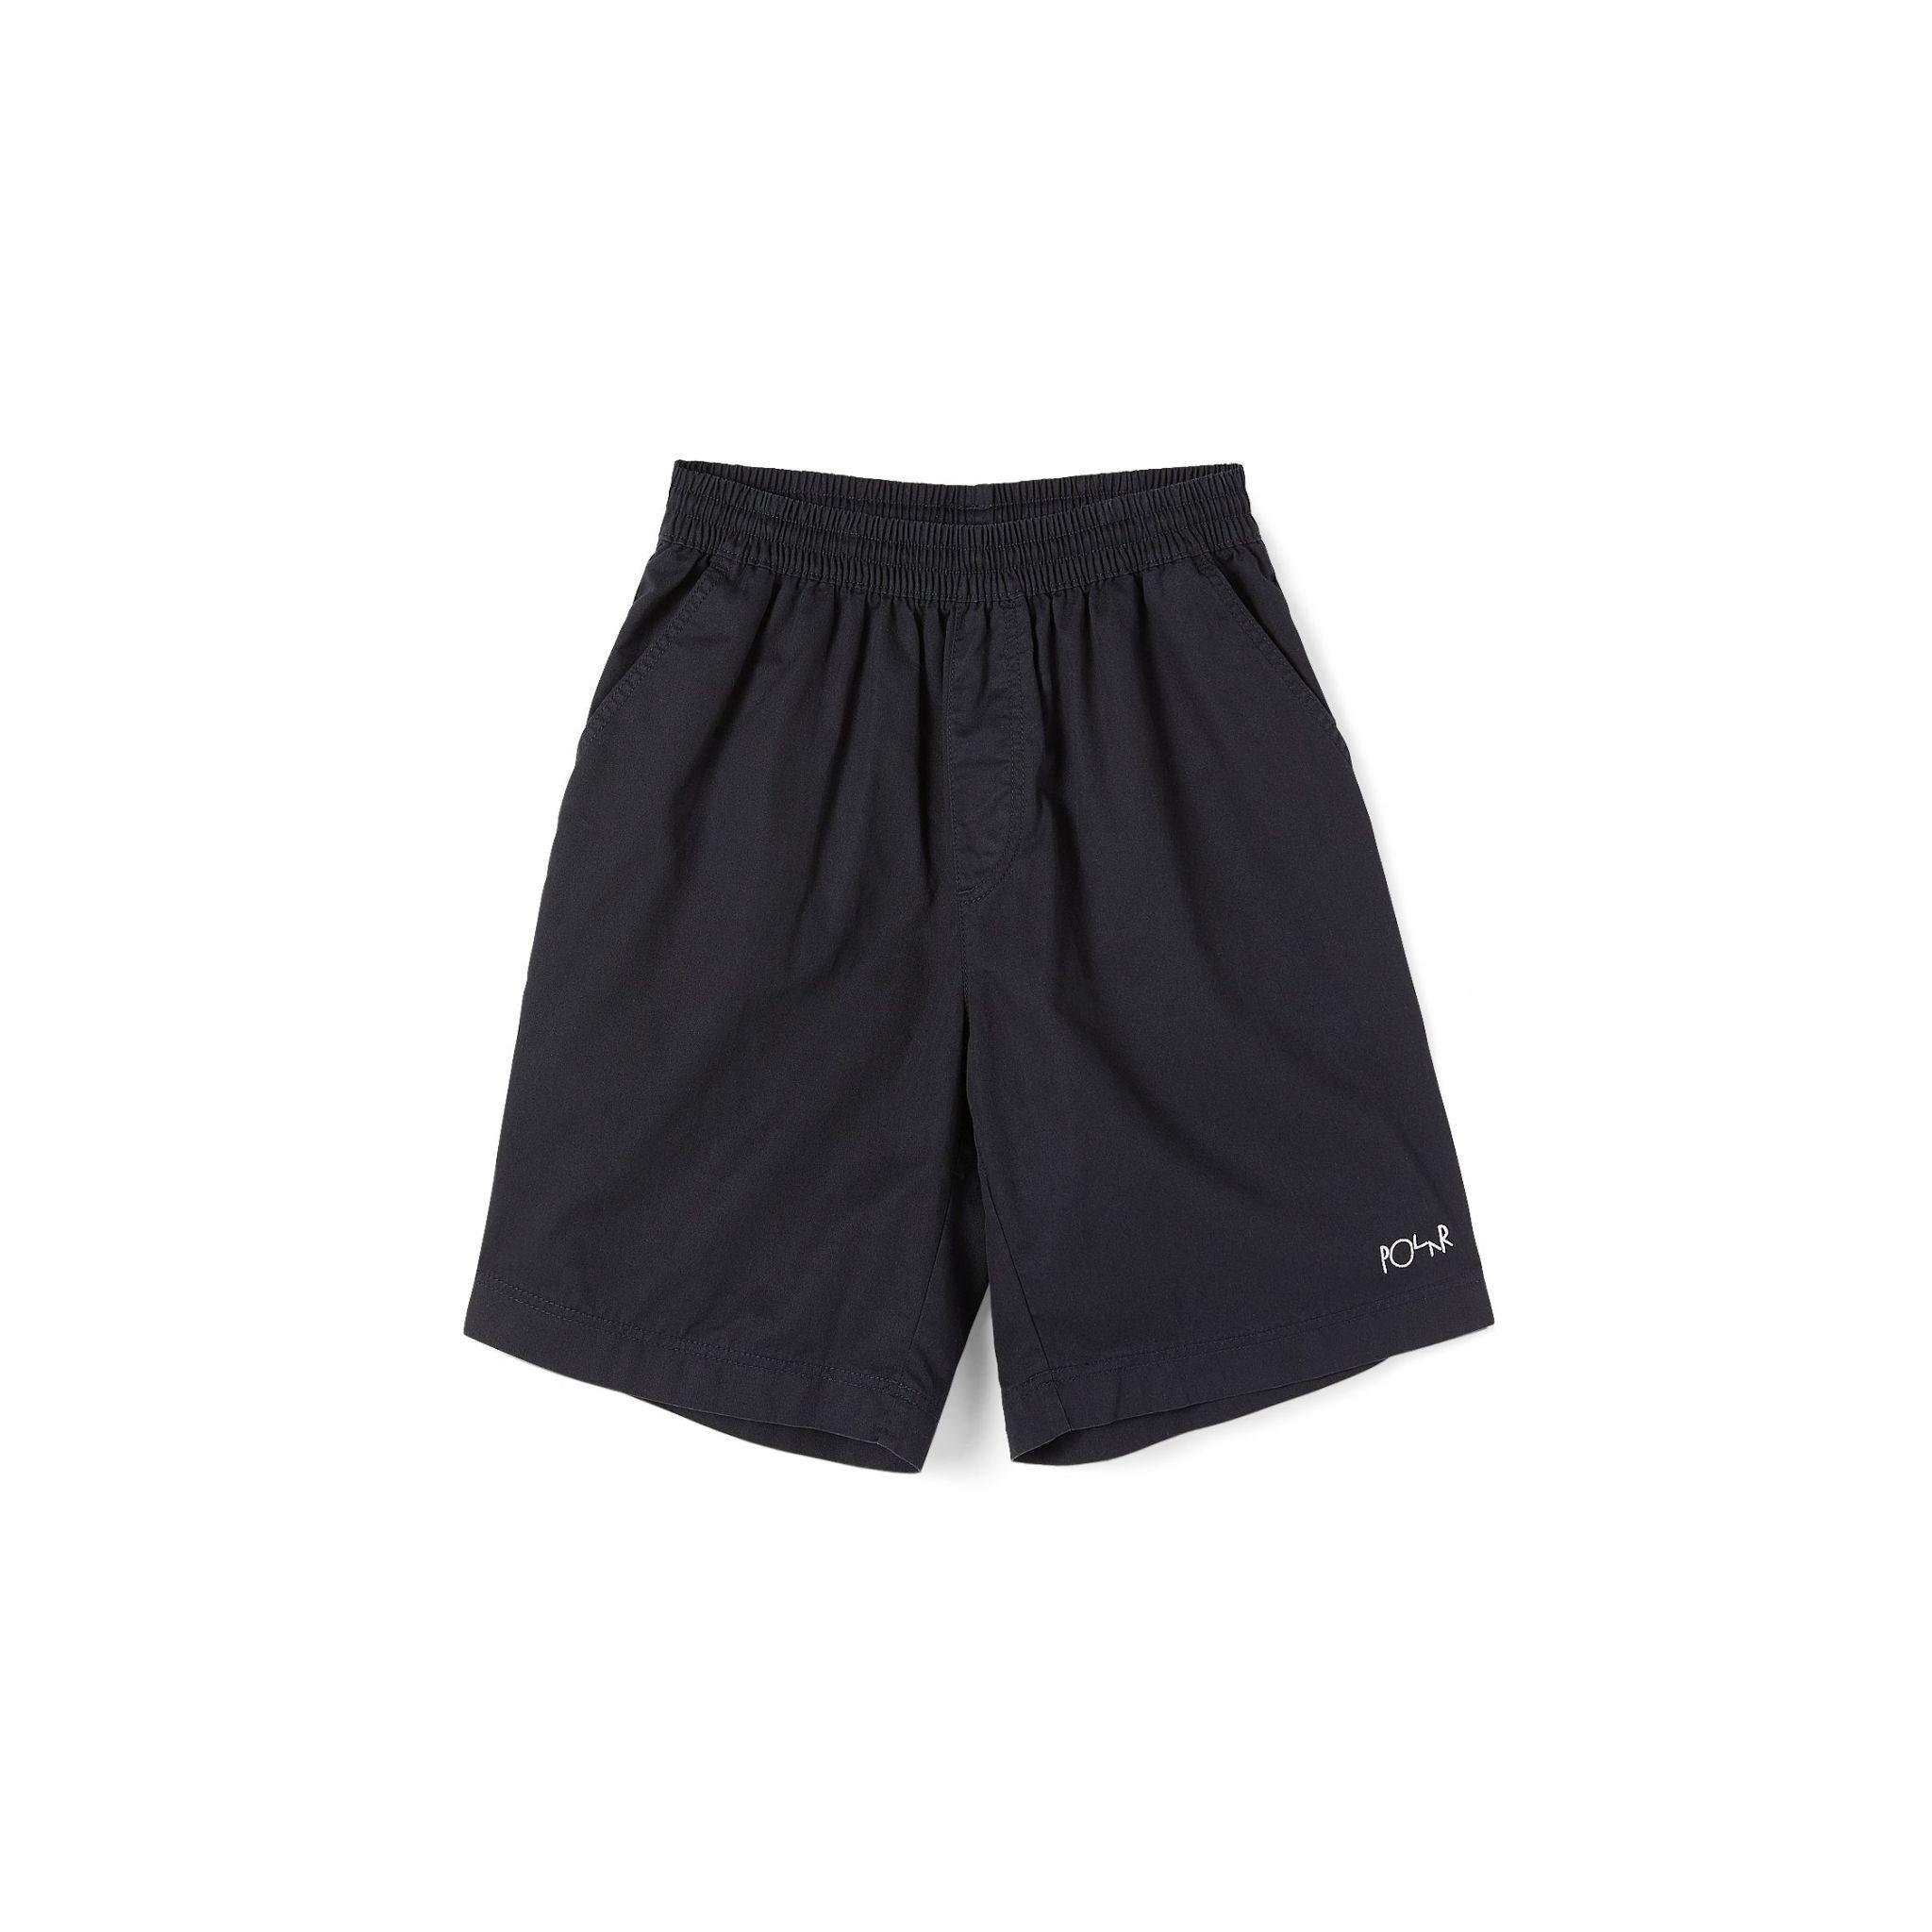 Polar Skate Co. Surf Shorts 2.0 Black